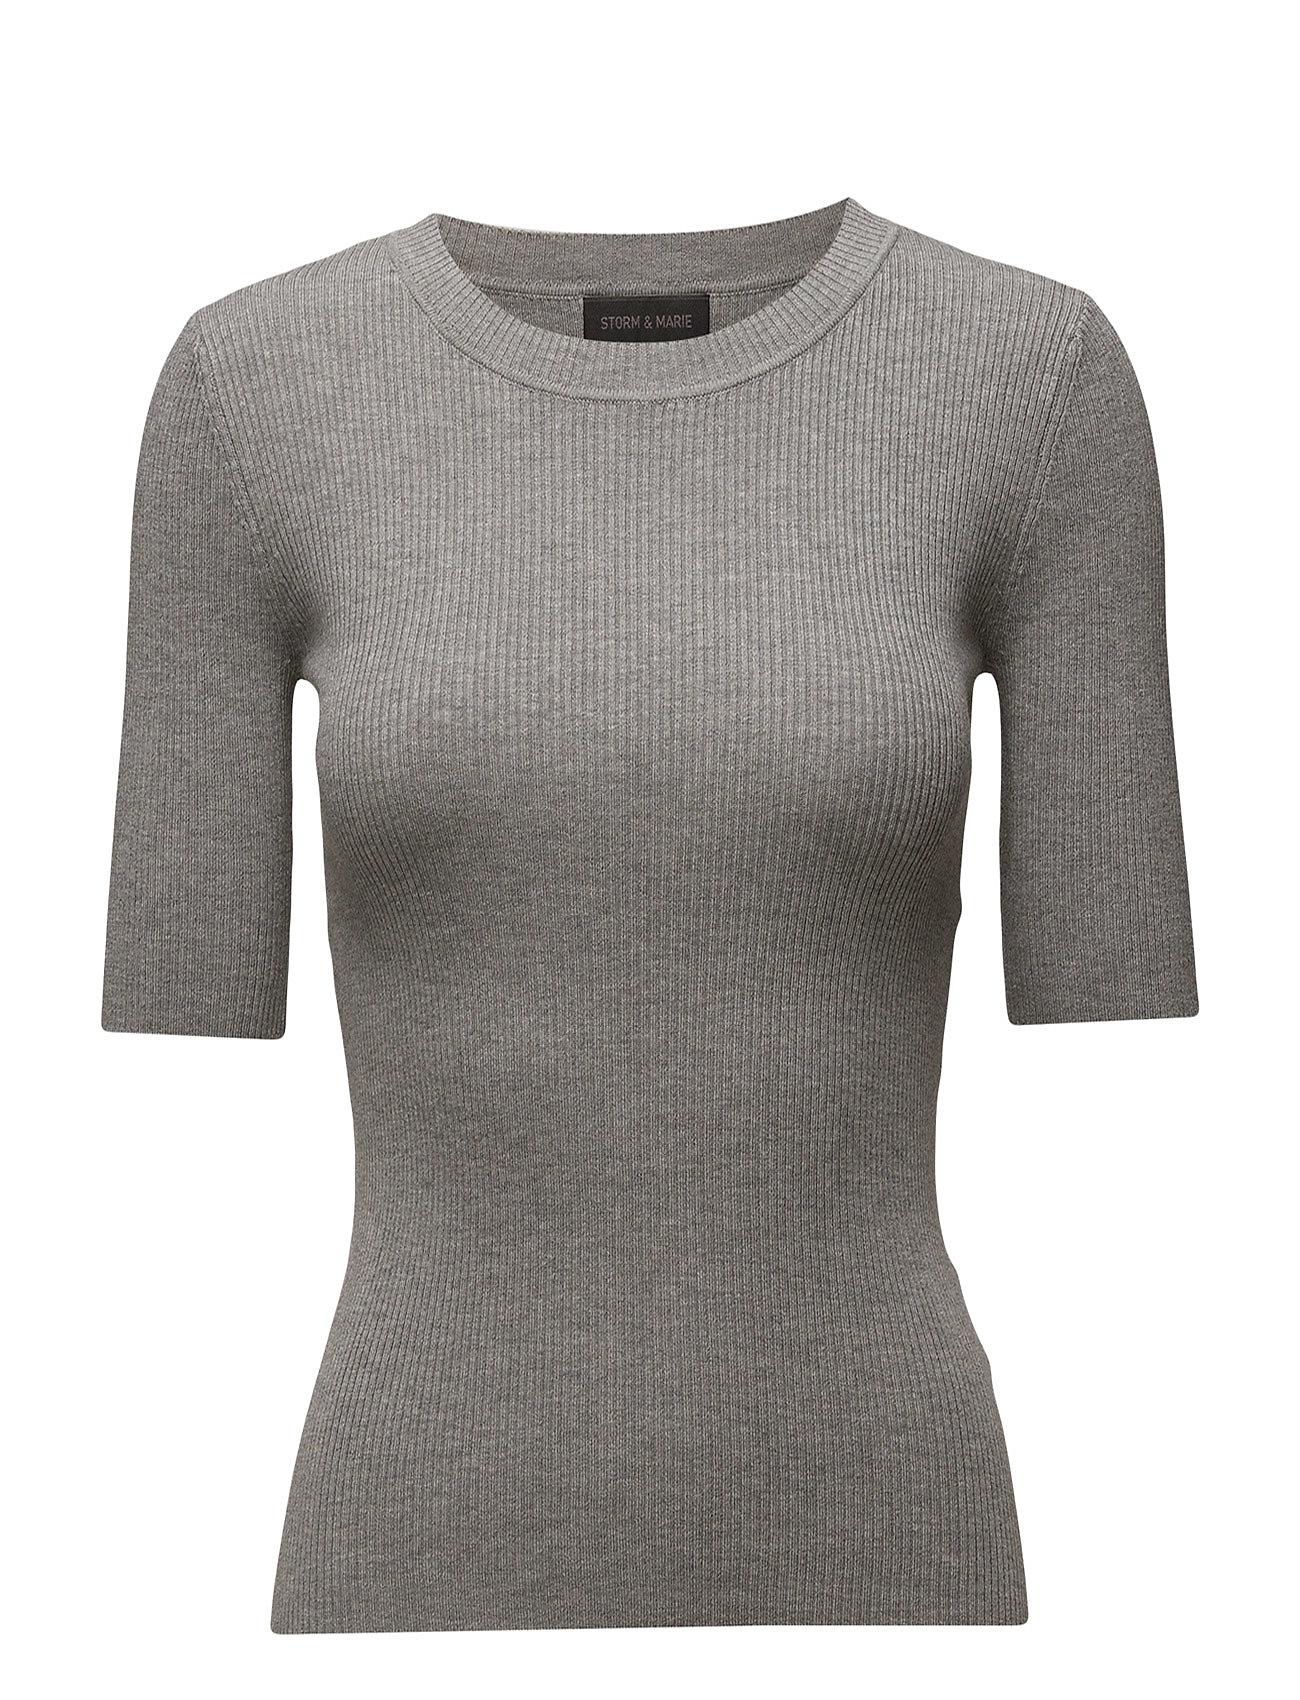 Nap-Ss_sp17 Storm & Marie Sweatshirts til Damer i Grey Melange